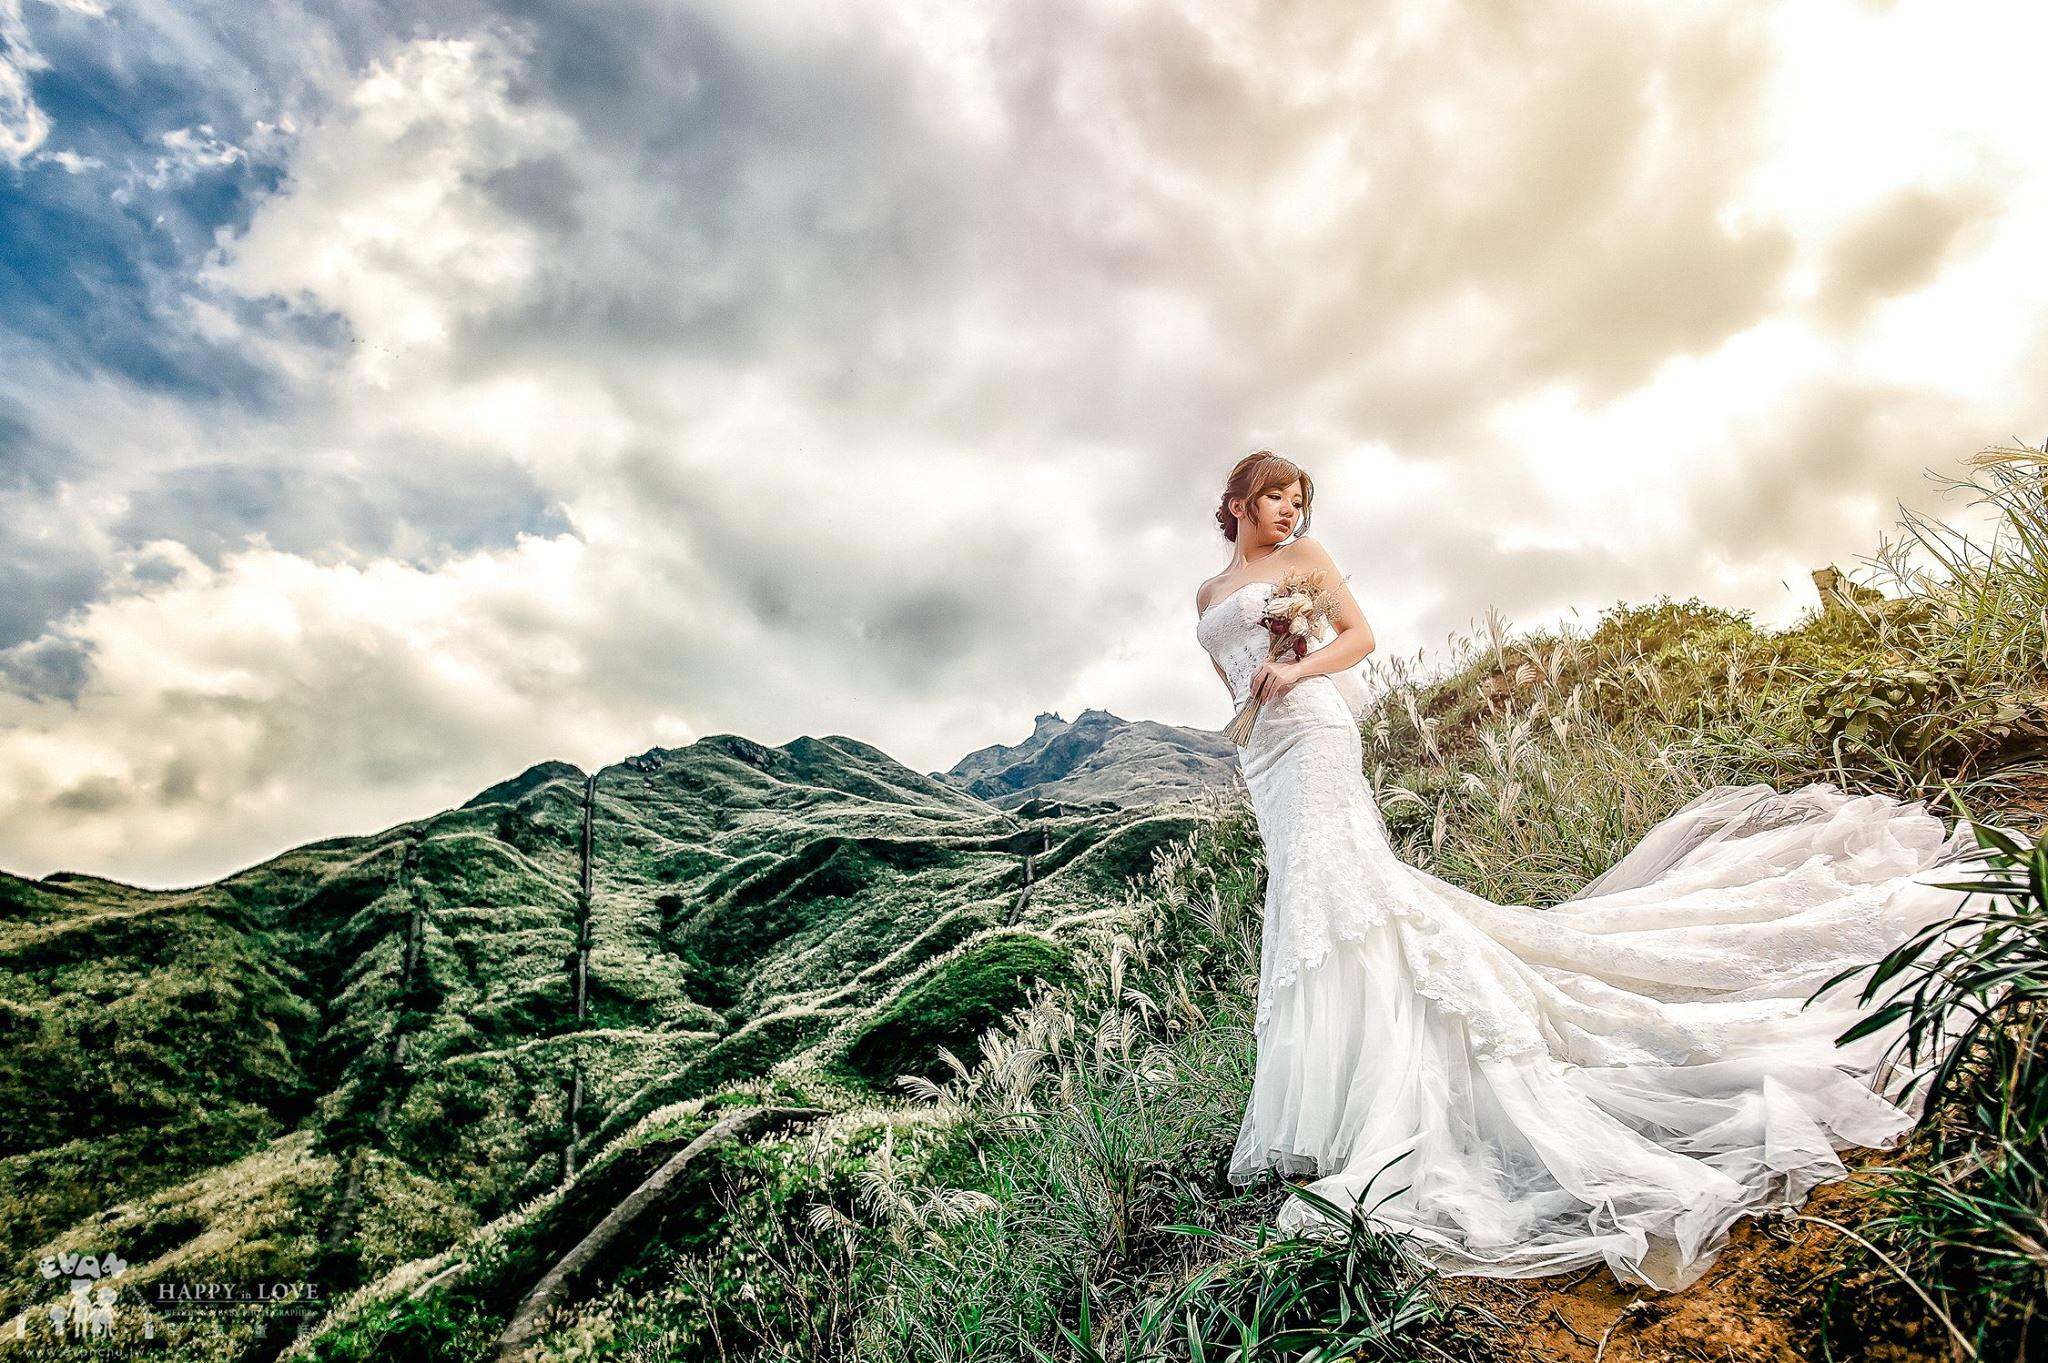 獨立婚紗,自主婚紗,自助婚紗,小朱爸